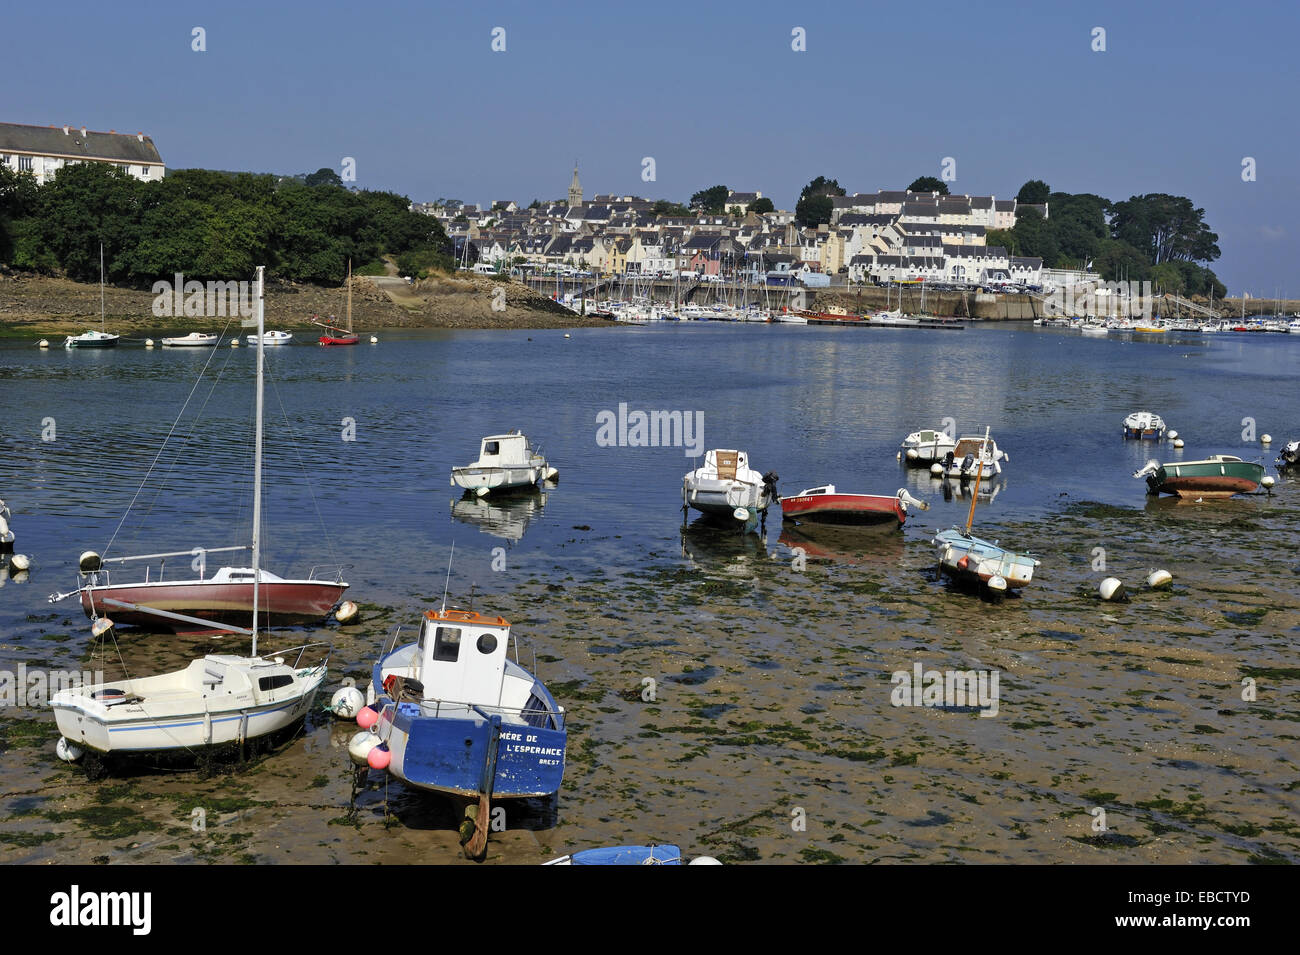 Lungo gli sfondi Atlantico bay barca costa della Bretagna color image cornouaille dipartimento Douarnenez E.U. estuario Immagini Stock